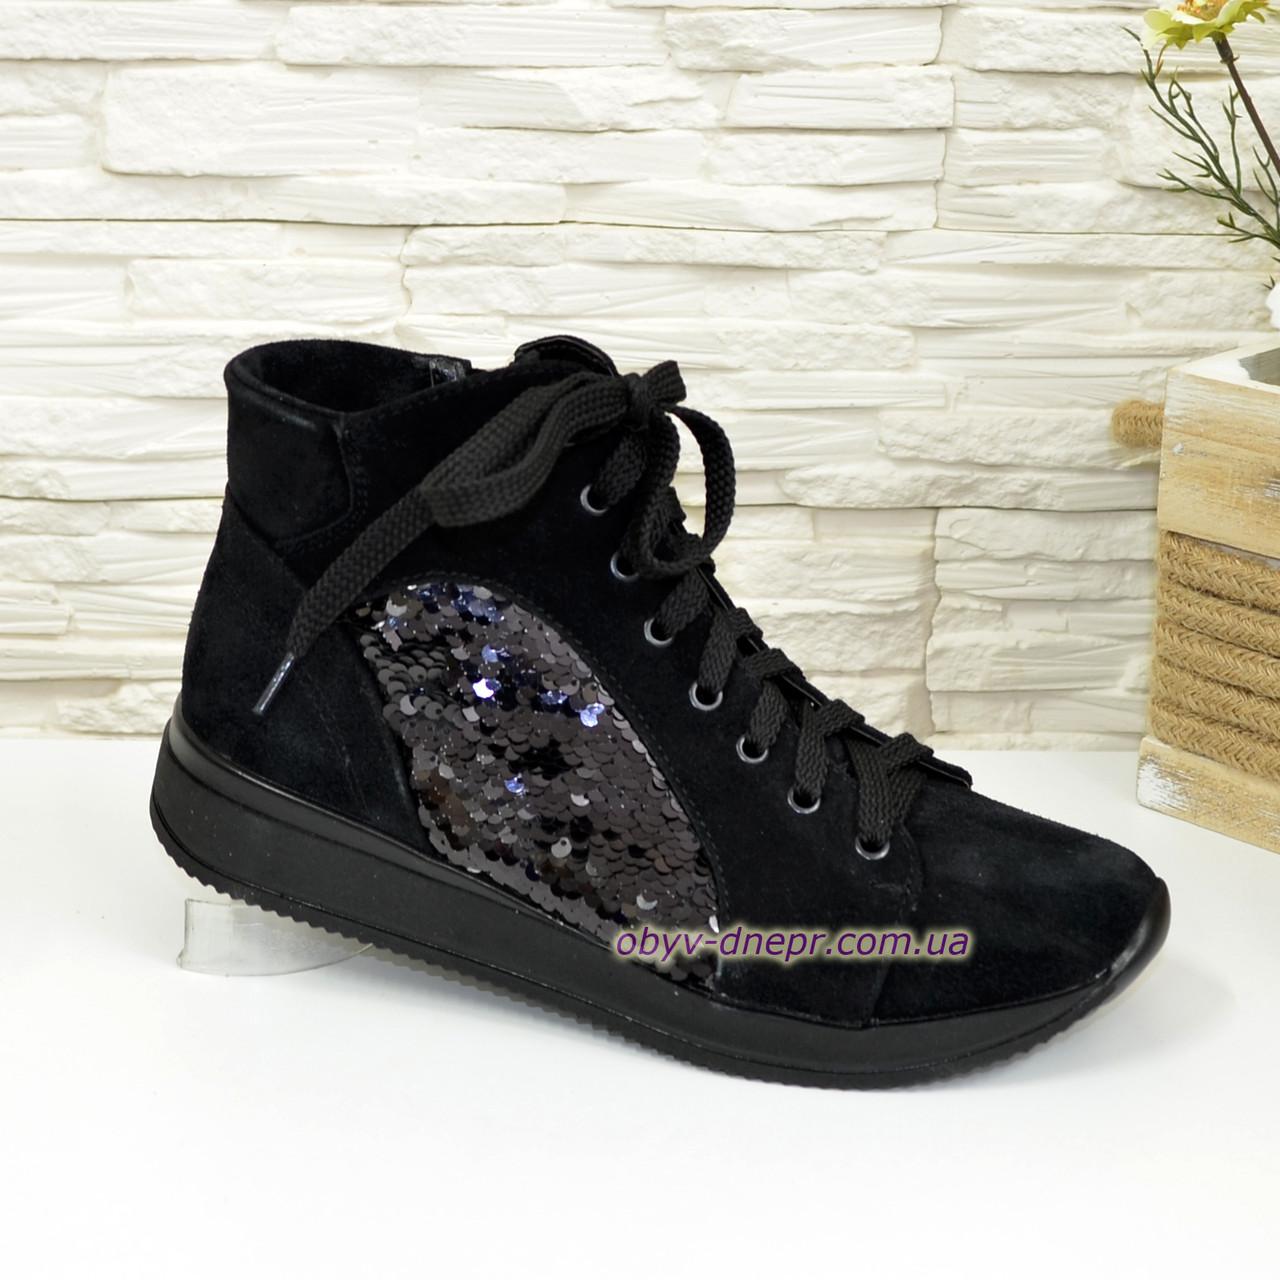 Замшевые женские ботинки зимние на шнуровке, декорированы пайетками.